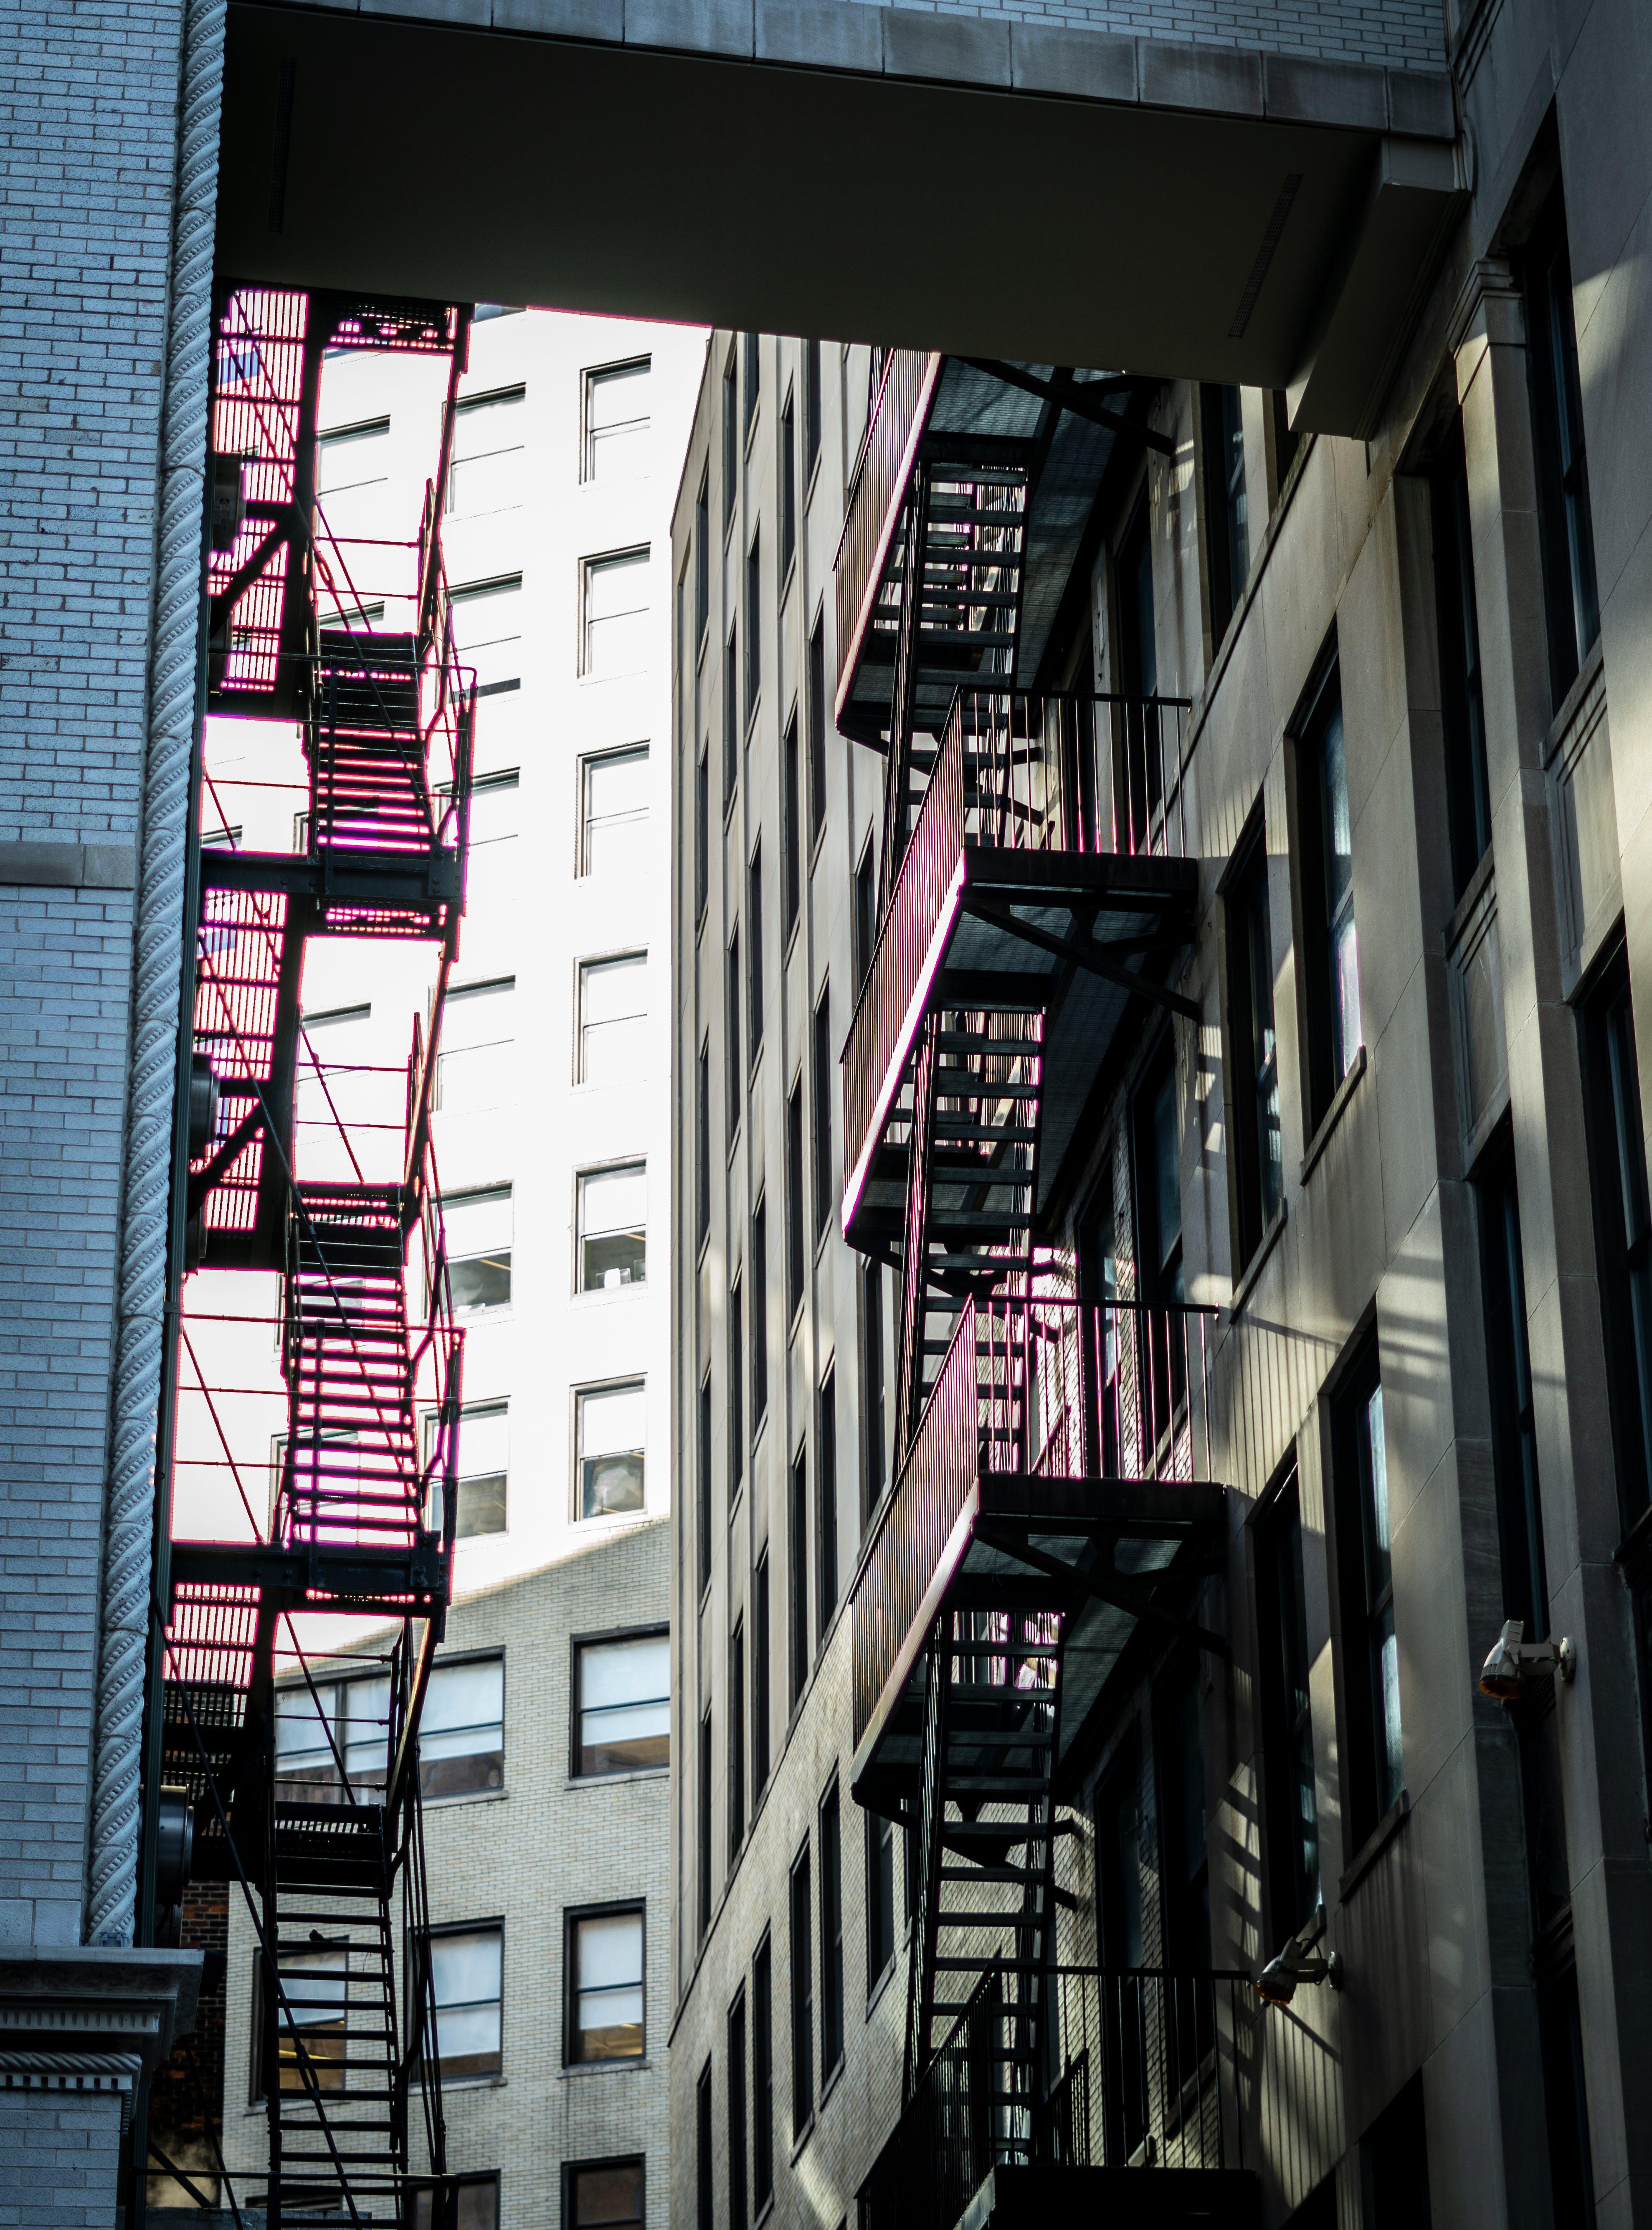 Ilmainen kuvapankkikuva tunnisteilla arkkitehtuuri, hätäuloskäynti, ikkunat, paloportaat